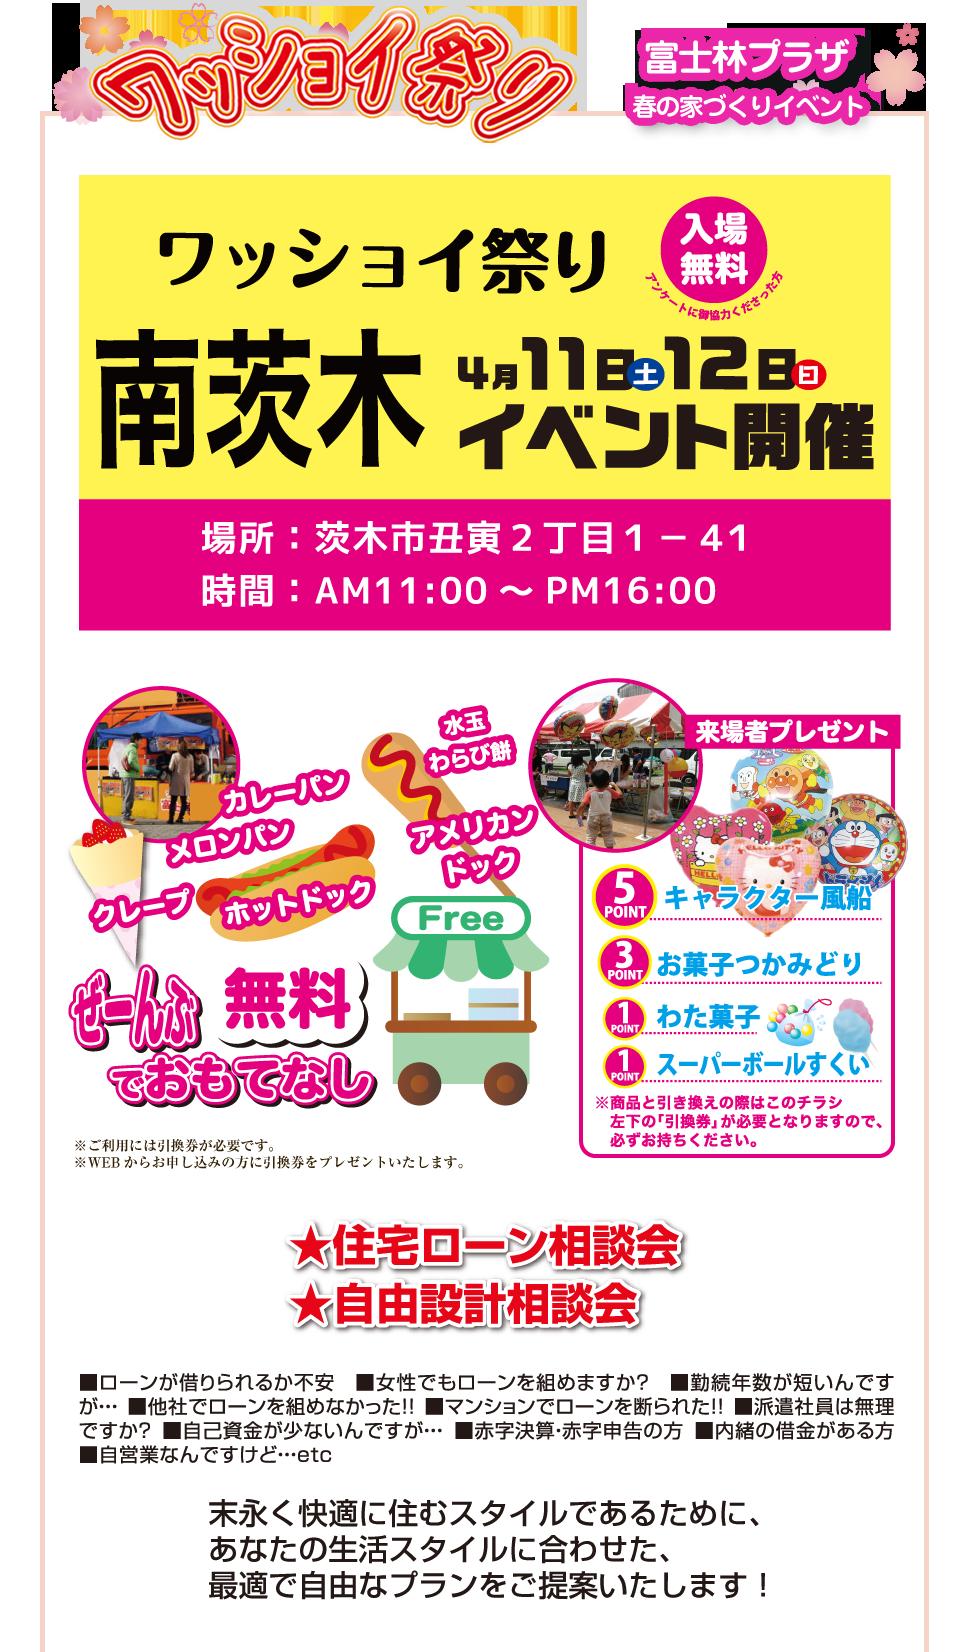 富士工務店 富士林プレミアムステージ南茨木 ワッショイ祭り モデルハウス見学会